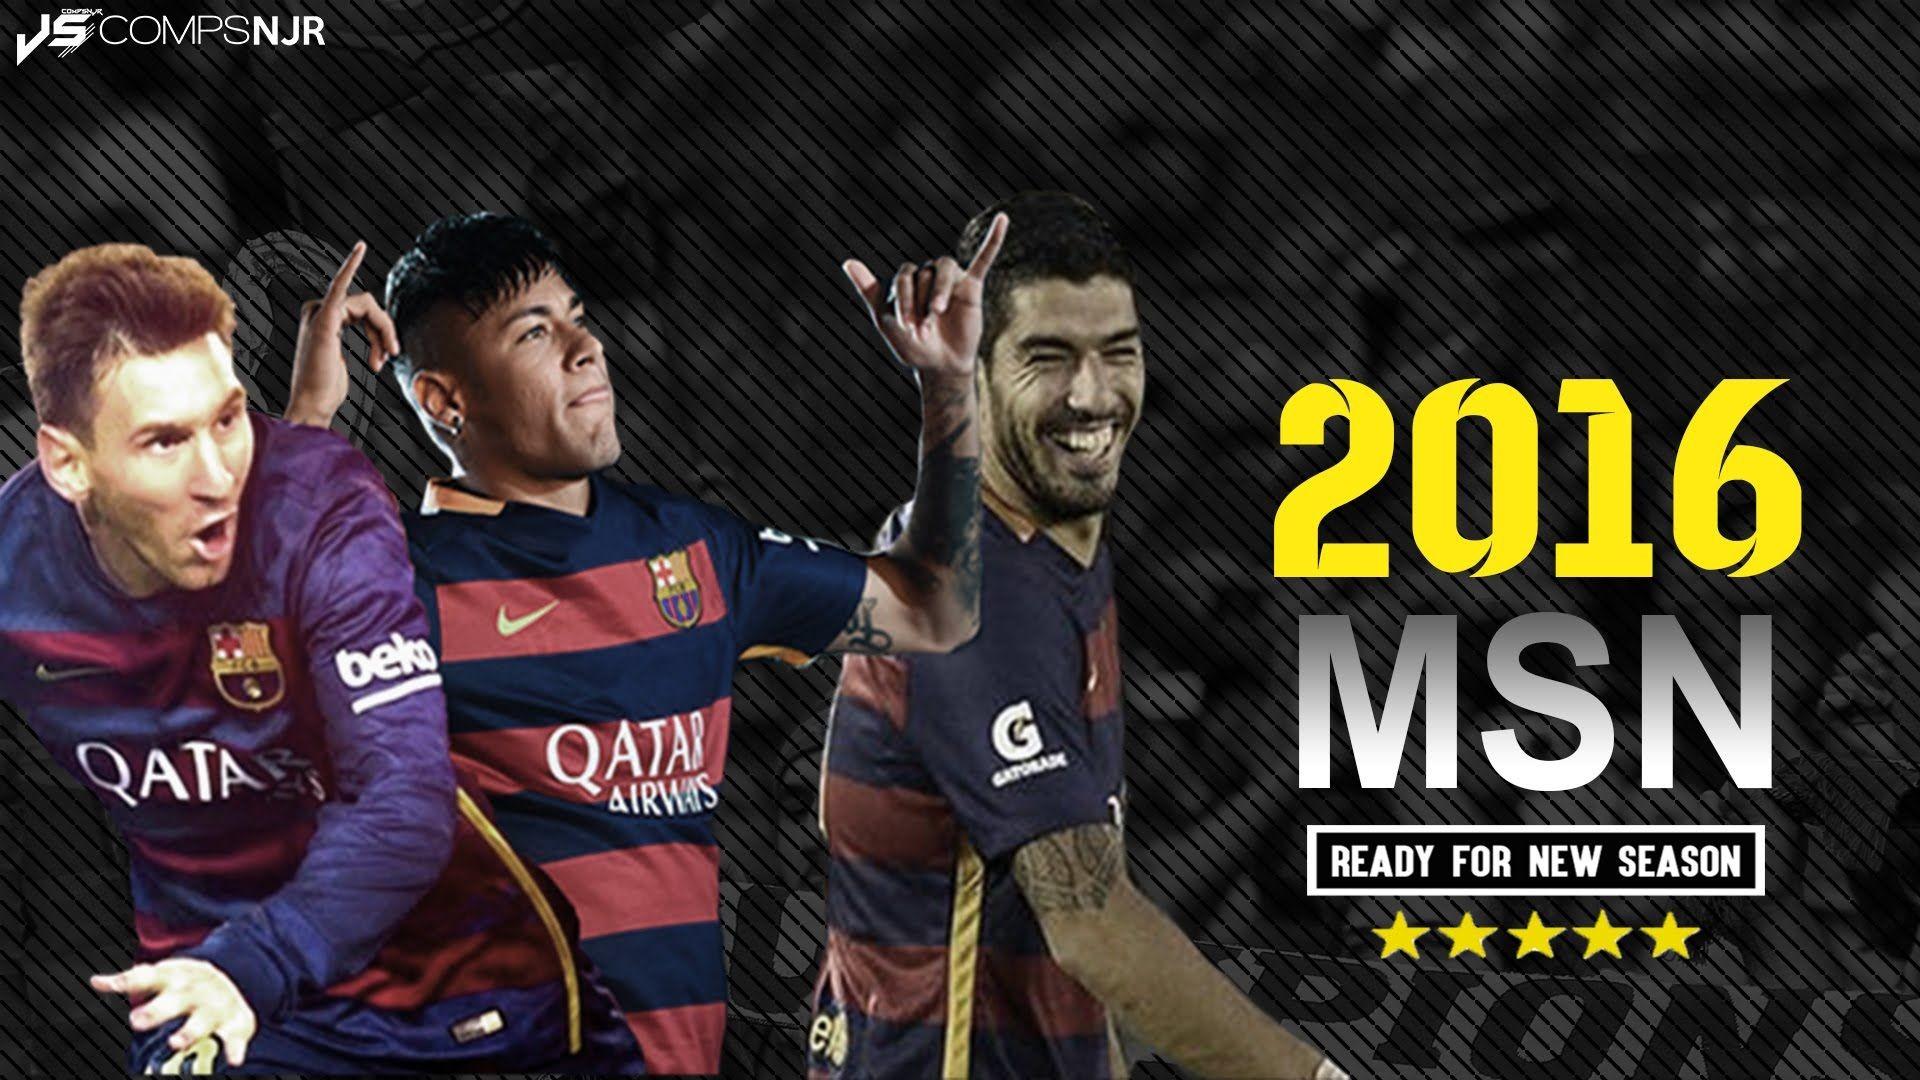 FC Barcelona Wallpaper (MSN) by RakaGFX on DeviantArt